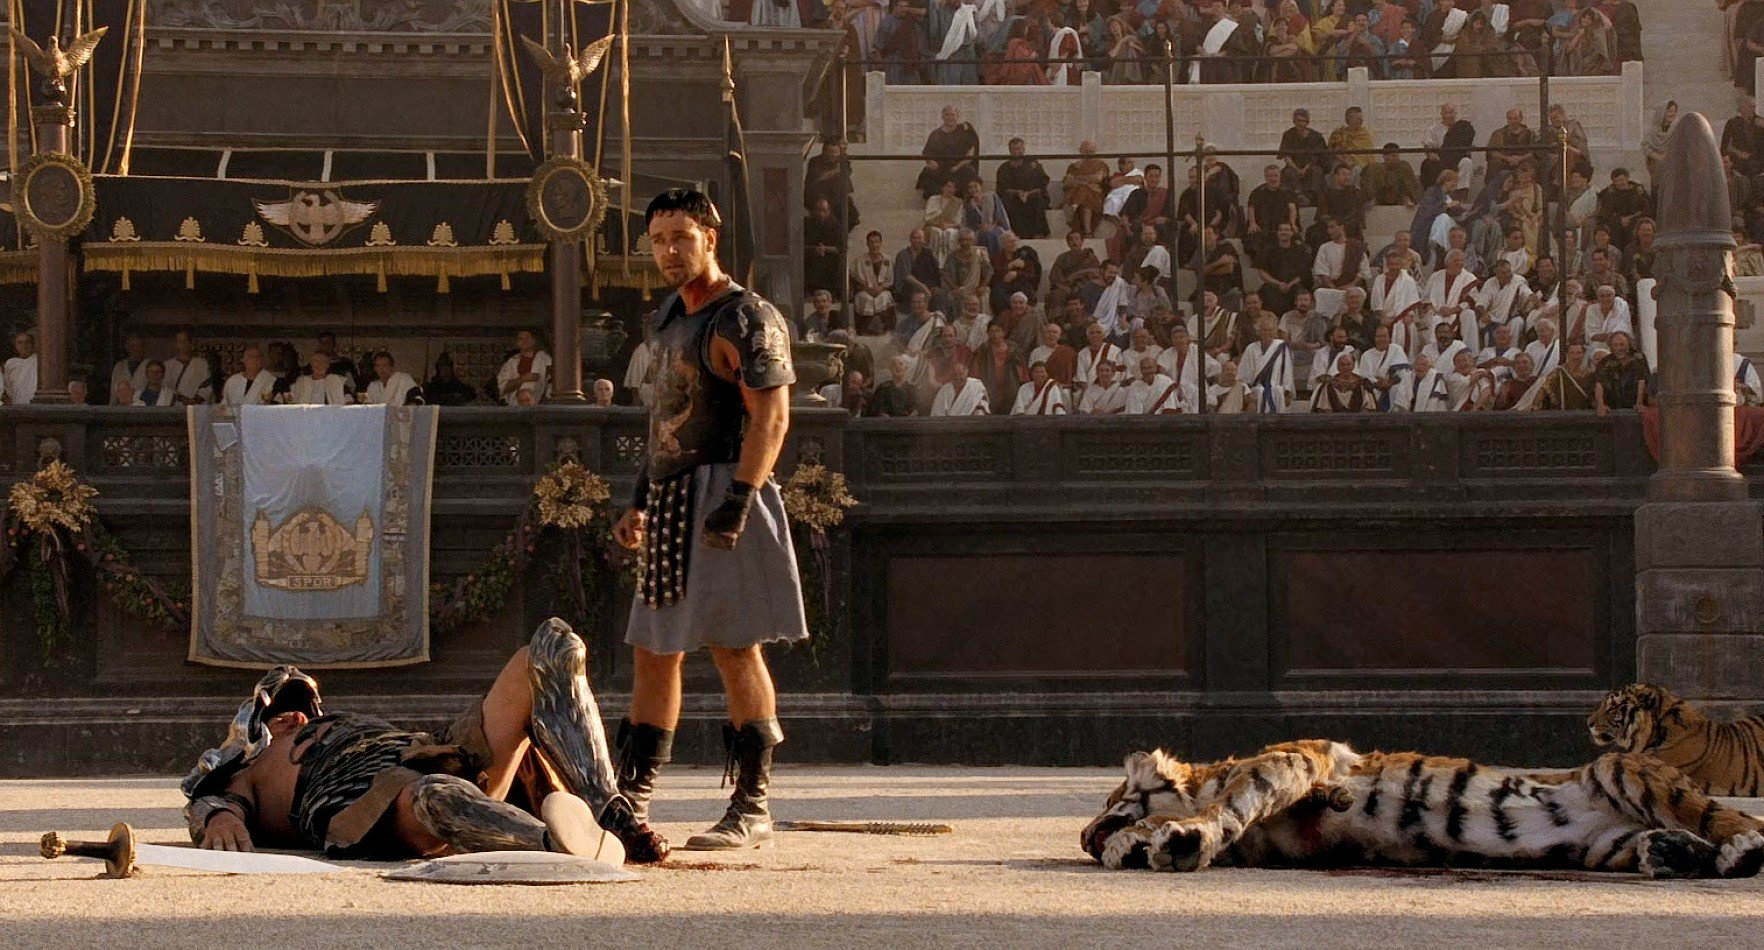 Il Gladiatore: vent'anni fa l'Oscar al film di Ridley Scott con Russell Crowe